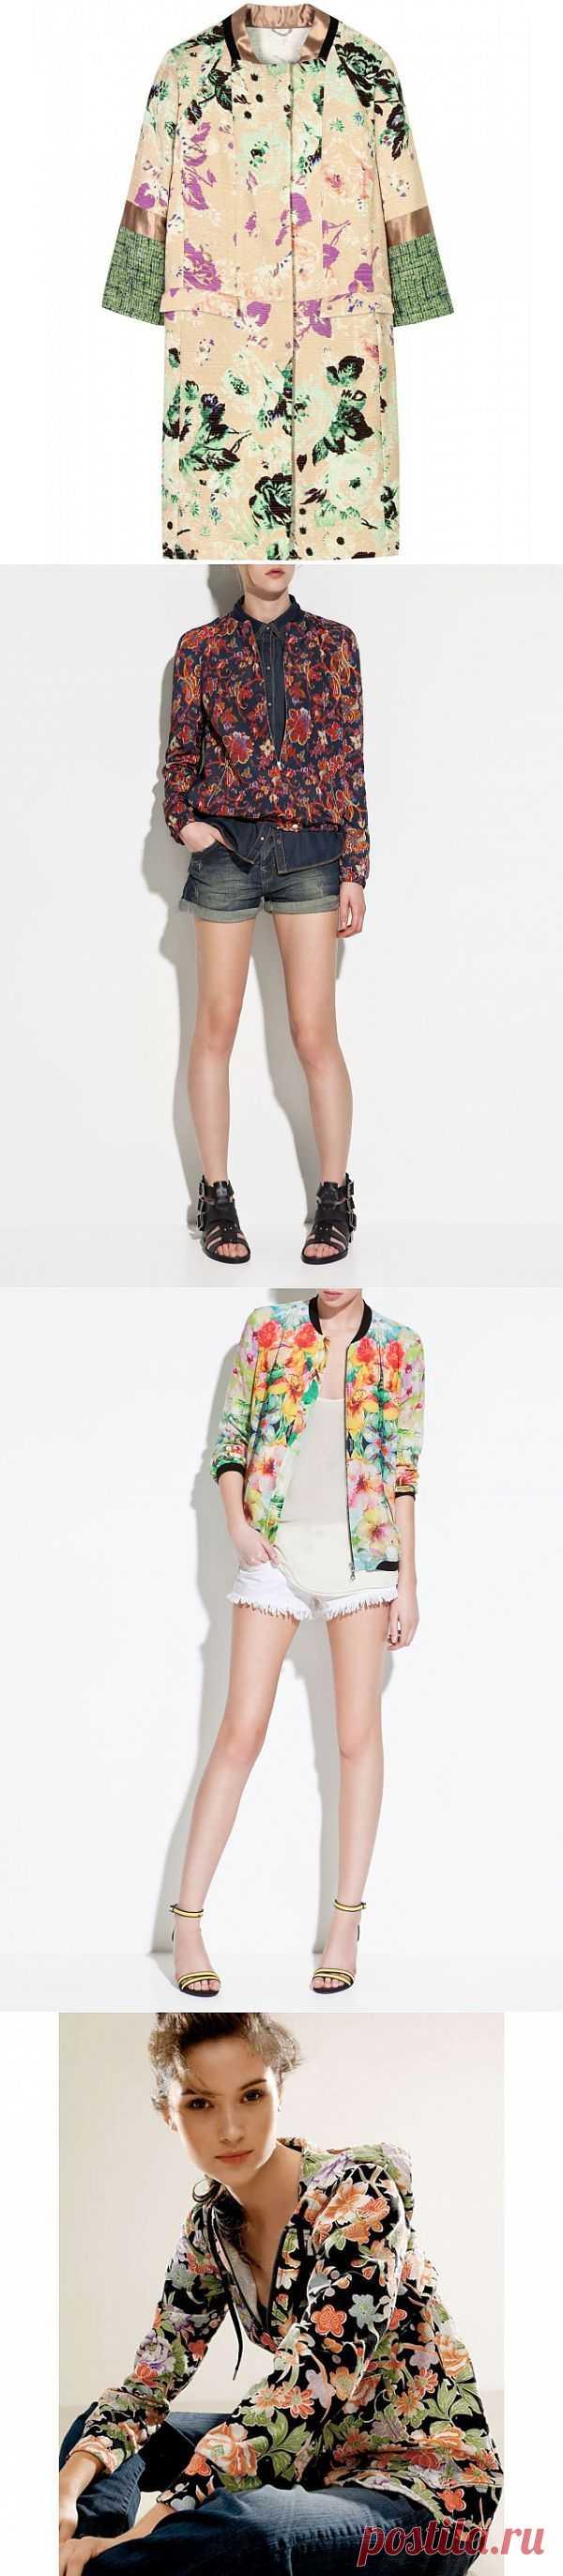 Задачка с винтажной тканью (трафик) / Помощь зала / Модный сайт о стильной переделке одежды и интерьера